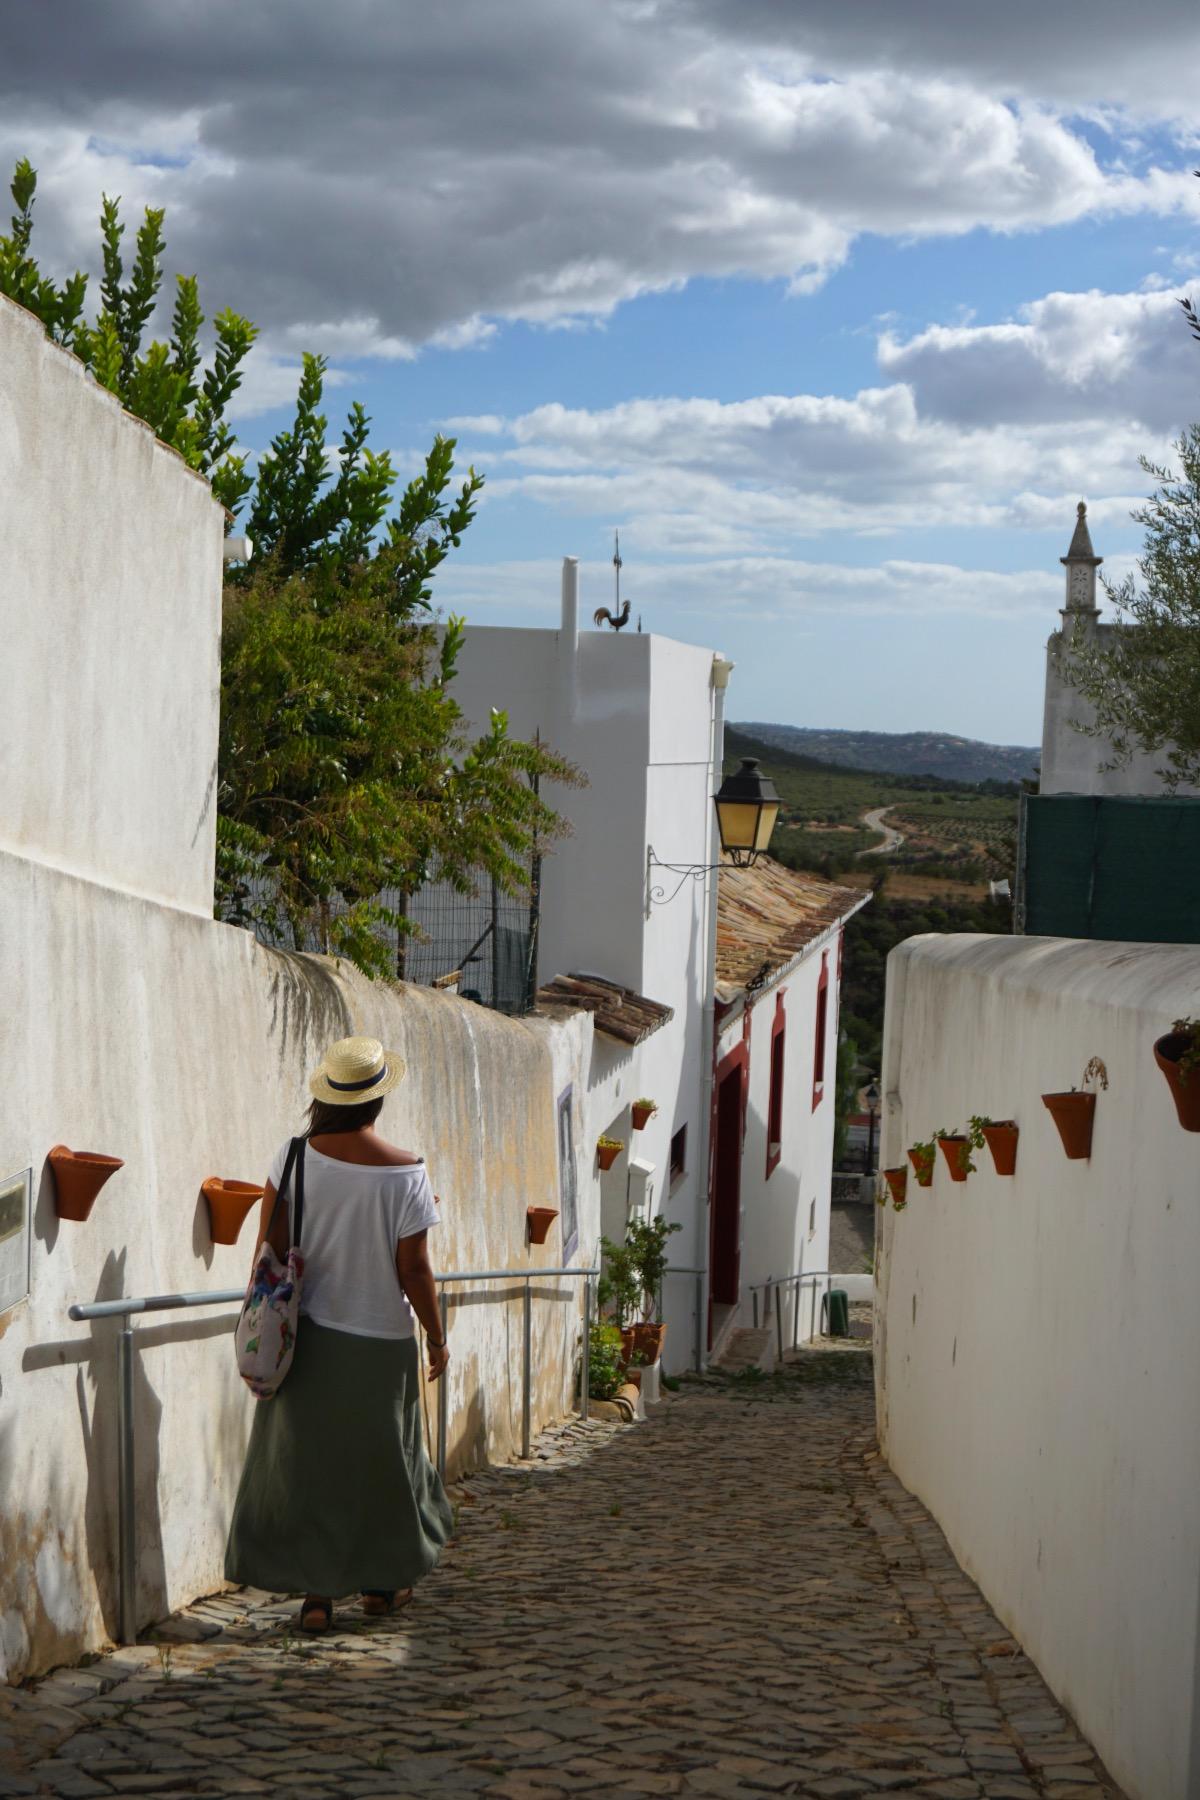 Alte, uno de los pueblos más bonitos del Algarve